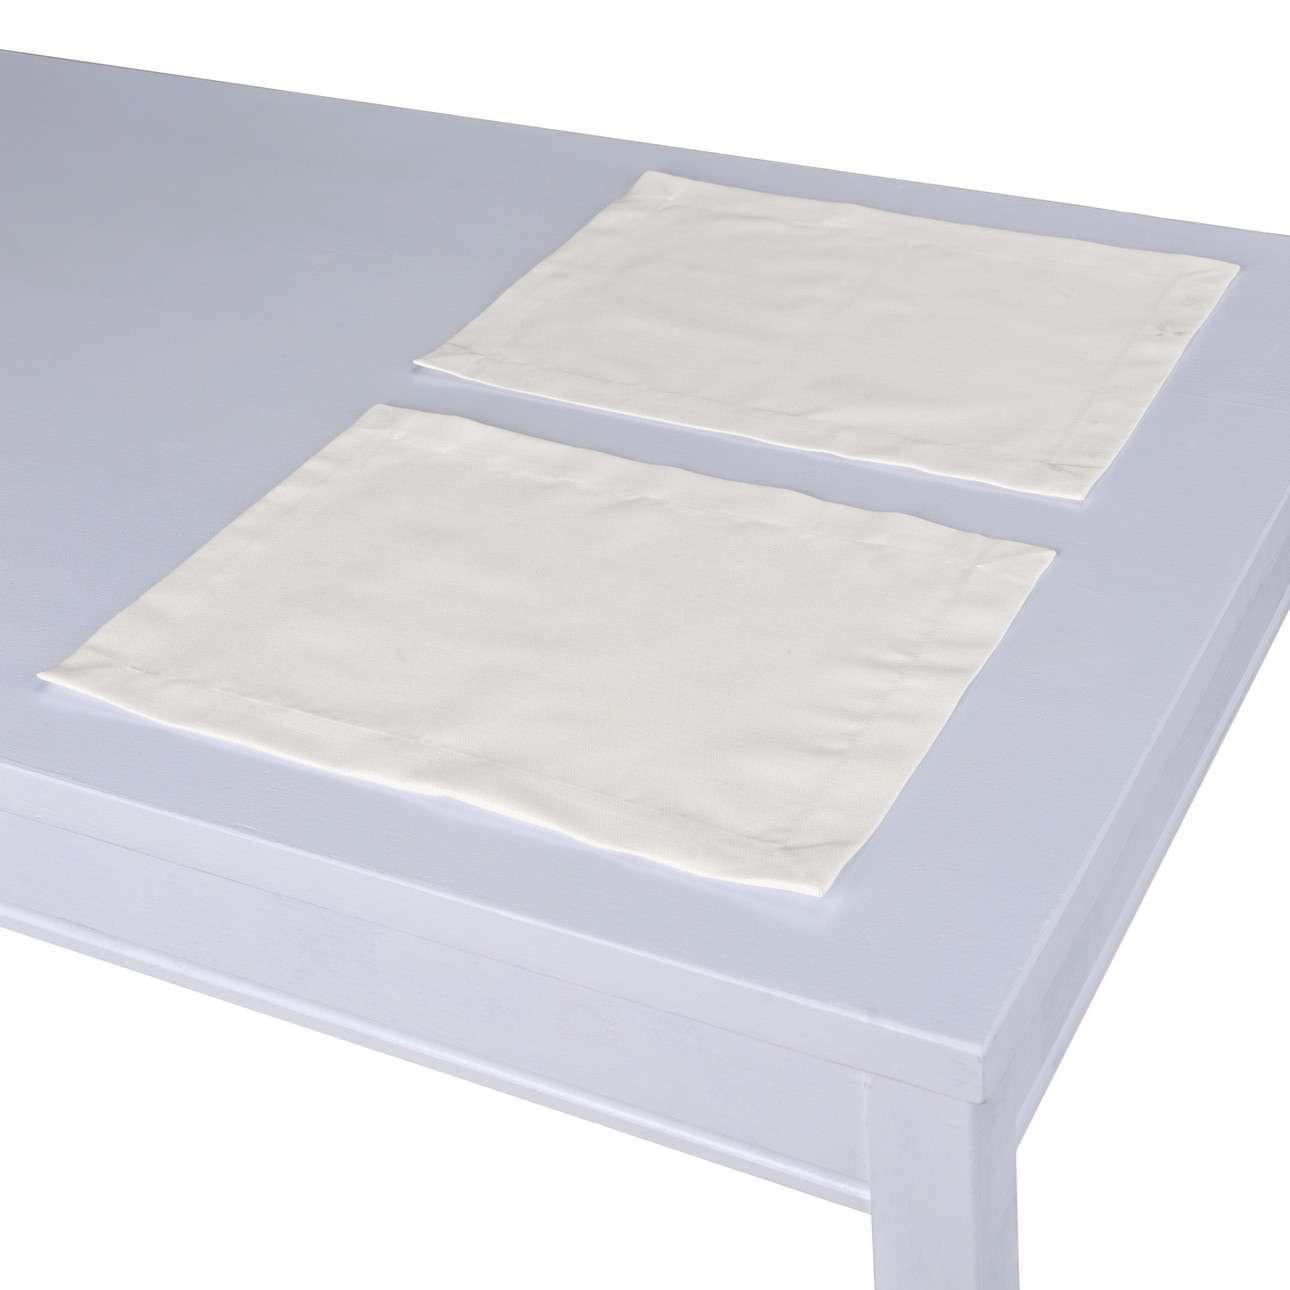 Stalo servetėlės/stalo padėkliukai – 2 vnt. kolekcijoje Cotton Panama, audinys: 702-34